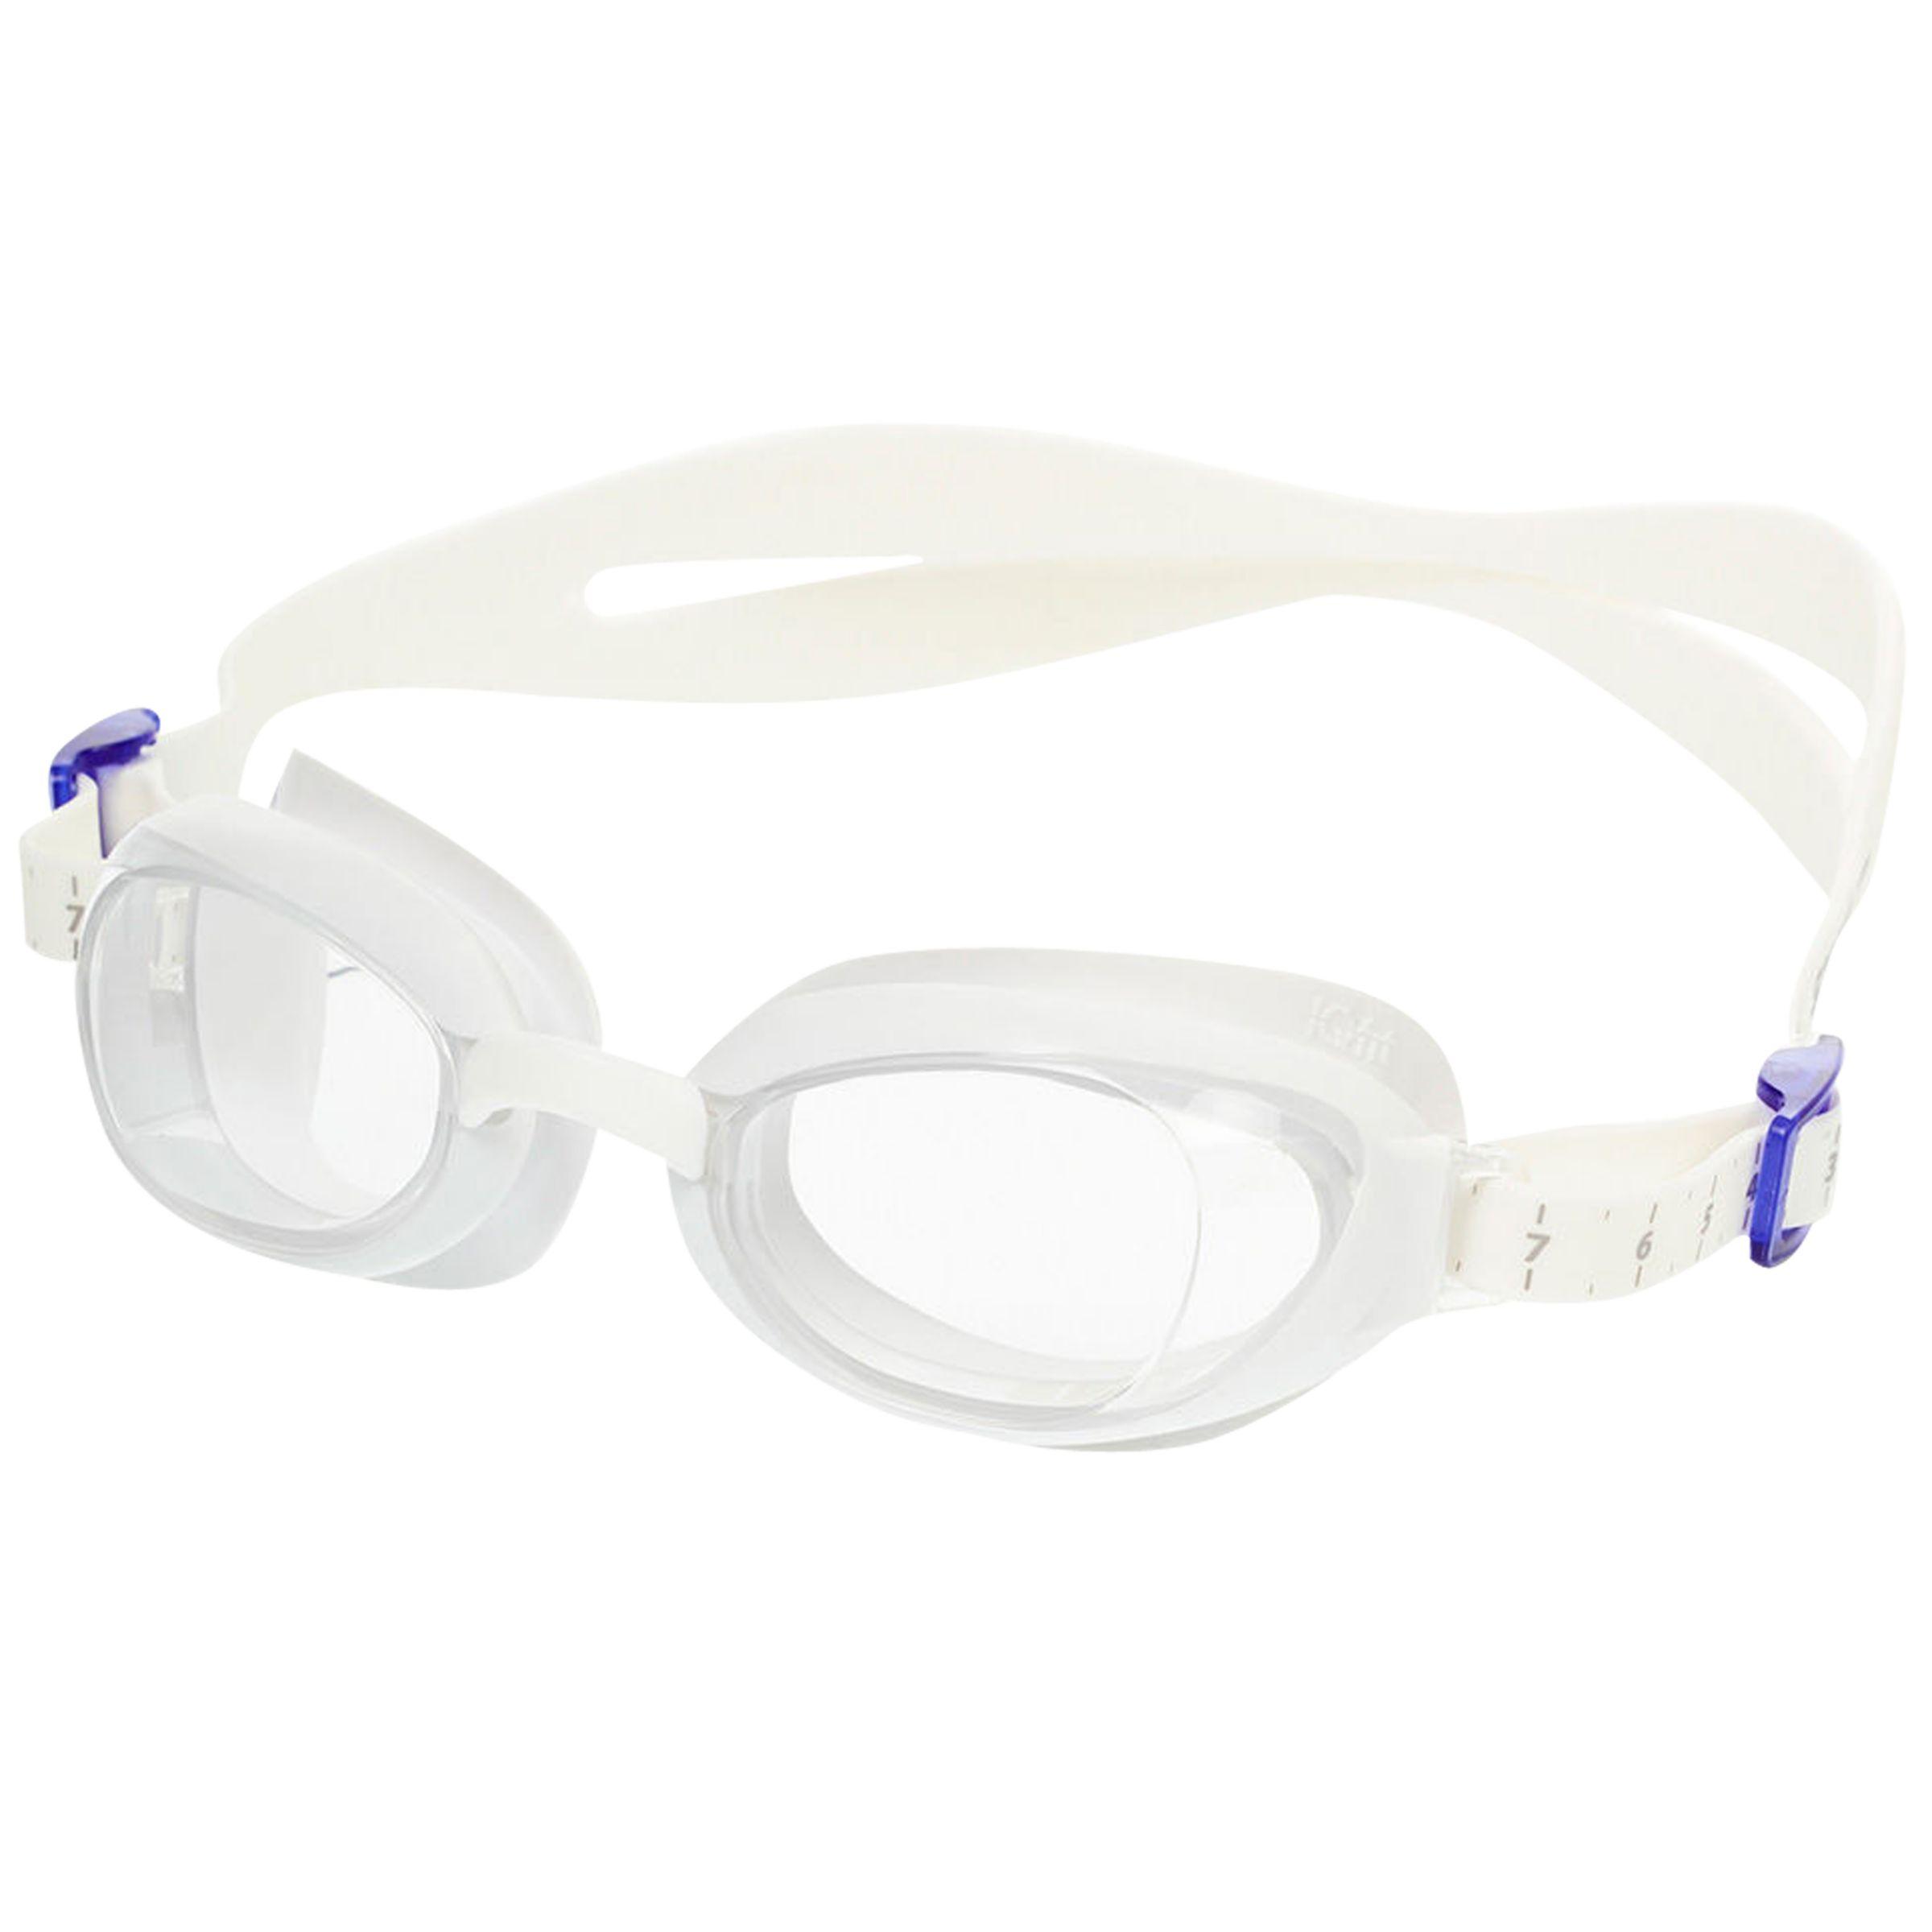 Speedo Speedo Aquapure Goggles, White/Blue